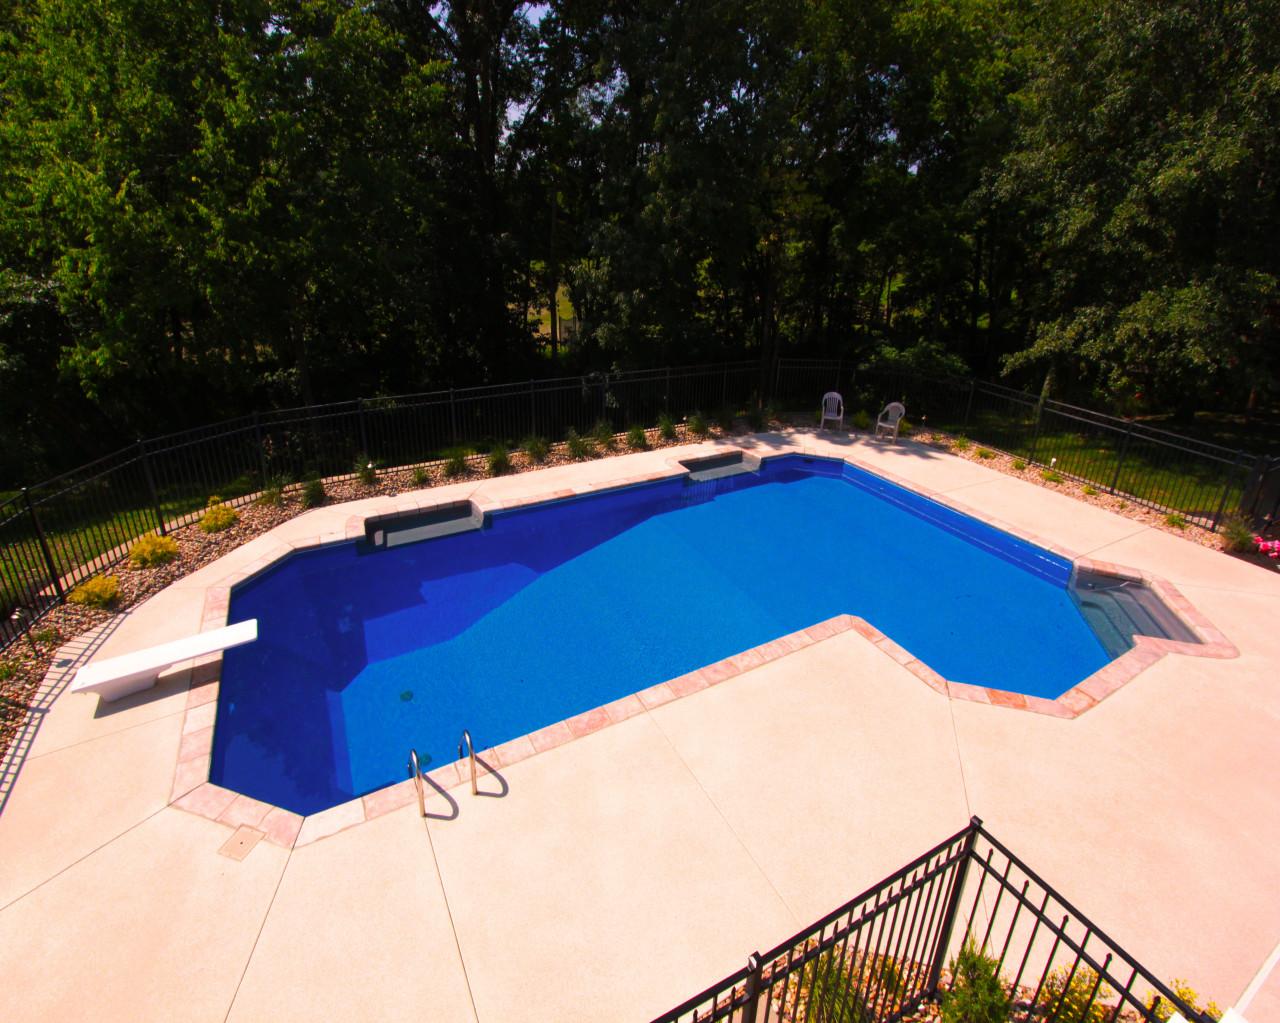 48 - Ell Pool